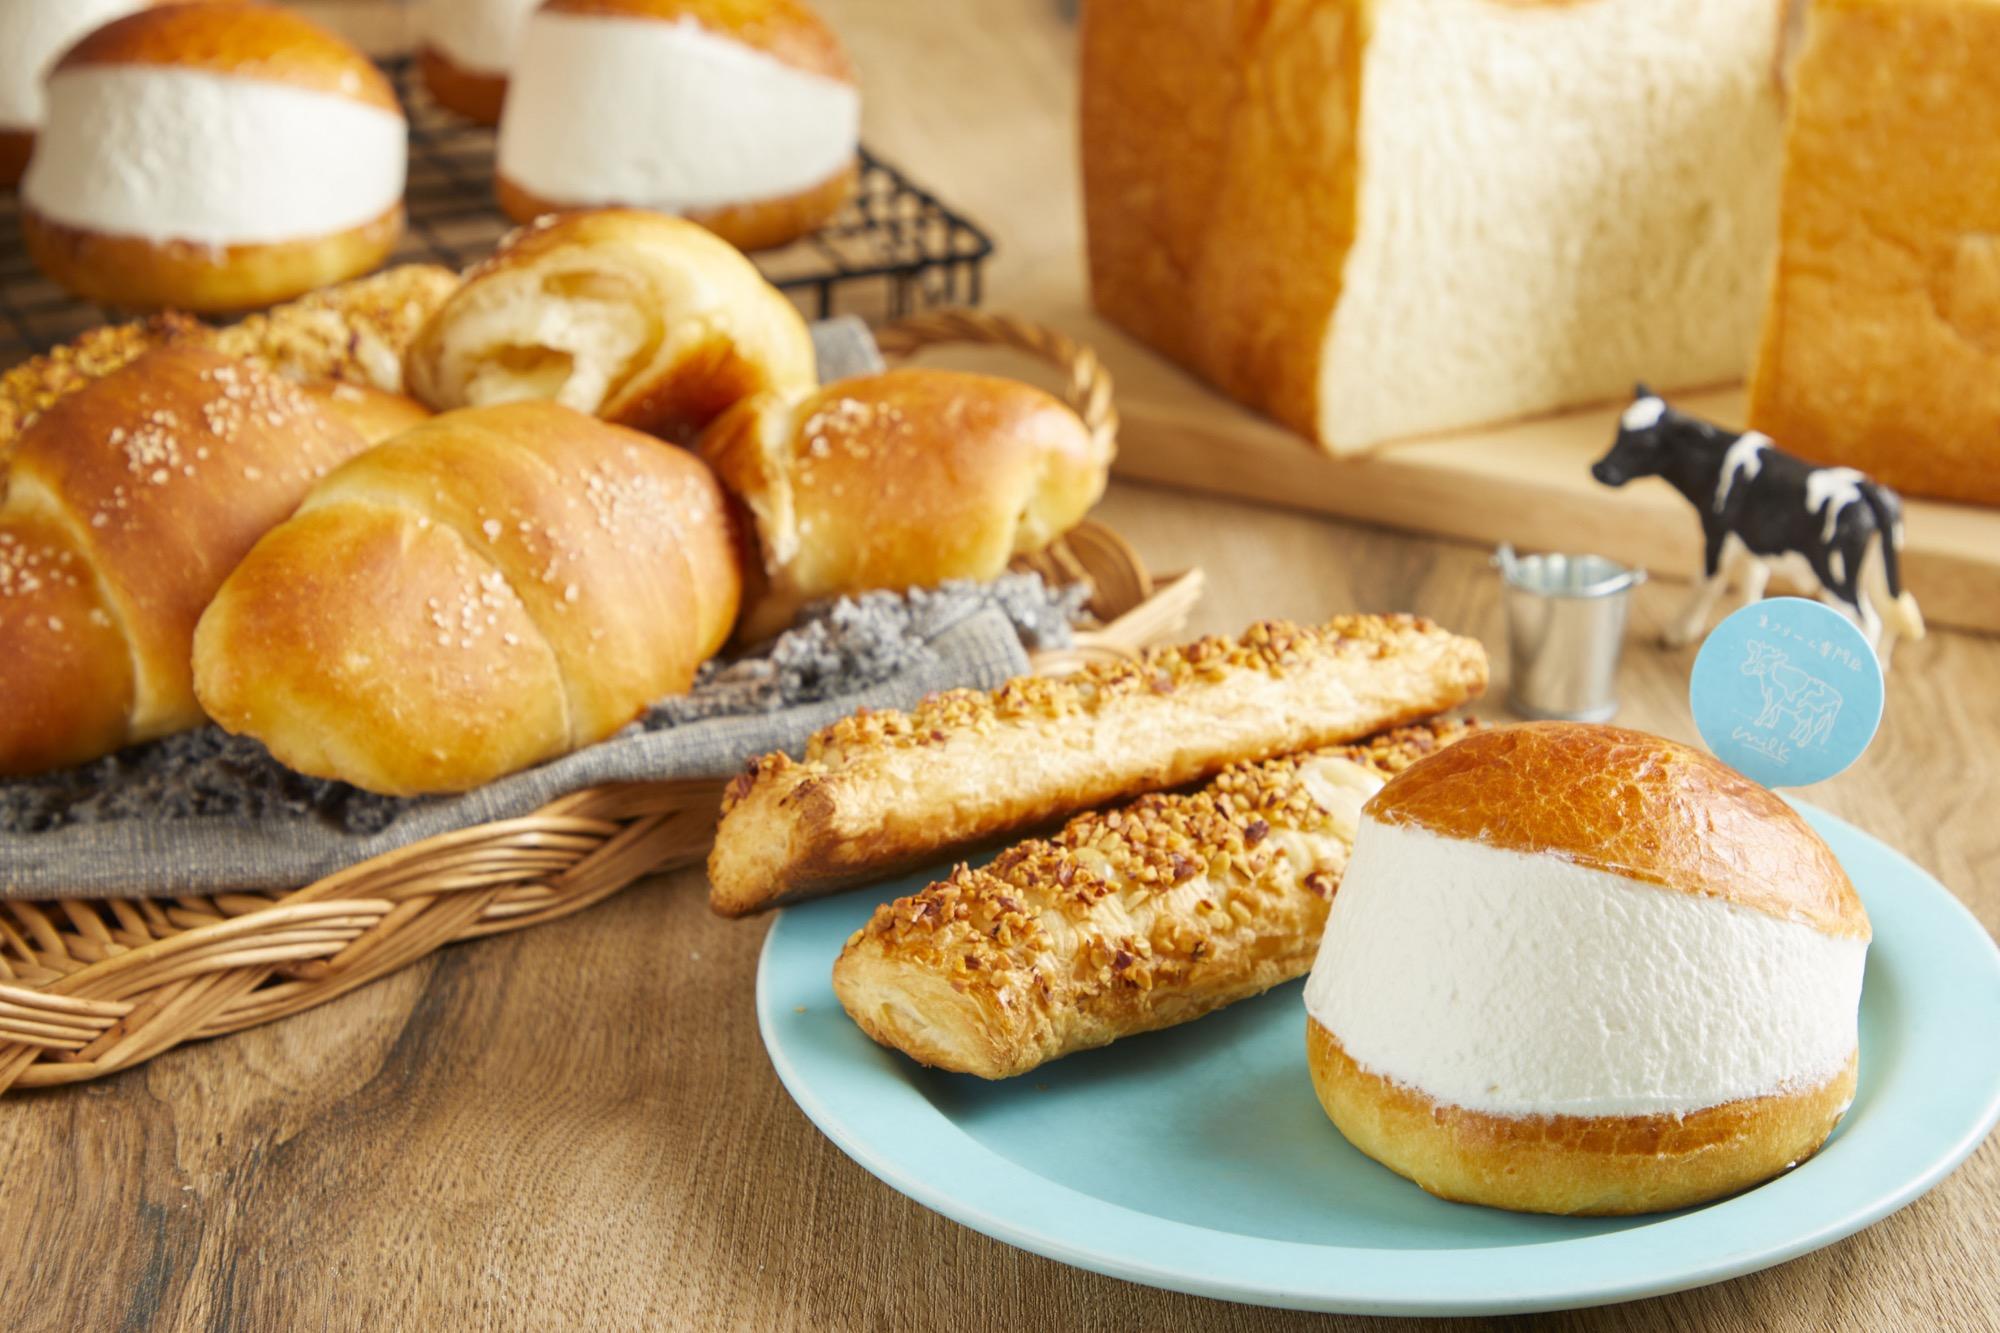 【人気ベーカリーのブーランジェ】 × 【ミルク パティシエ】がコラボレーションし、『ミルクの生クリーム食パン』 や 『究極の生クリームパン』を開発 (2)